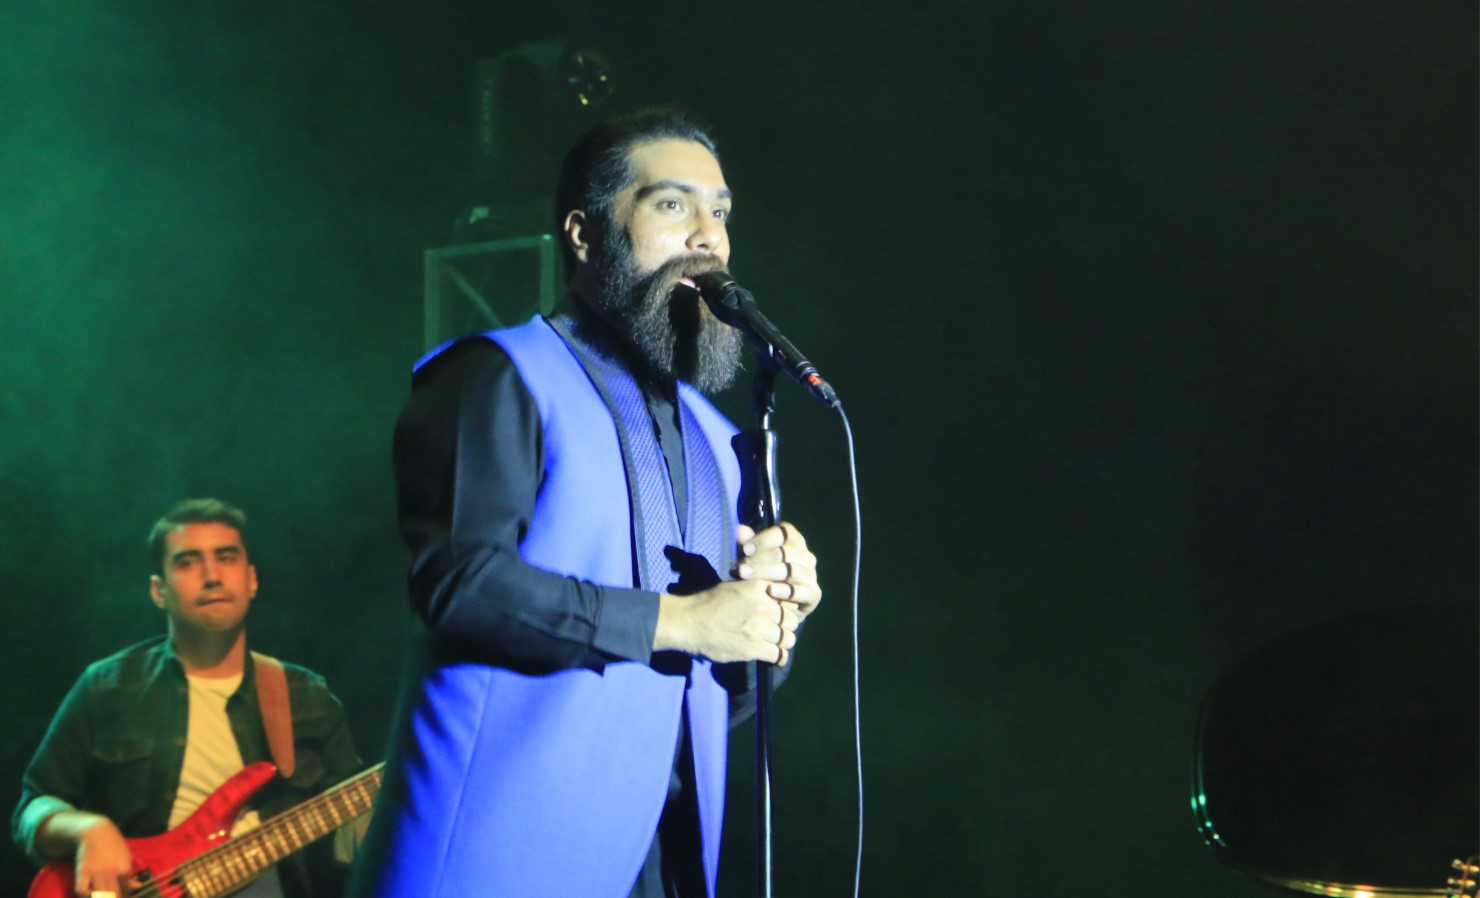 کنسرت علی زندوکیلی در تالار حافظ شیراز فروردین 98/ عکس: محمدمهدی اسدزاده